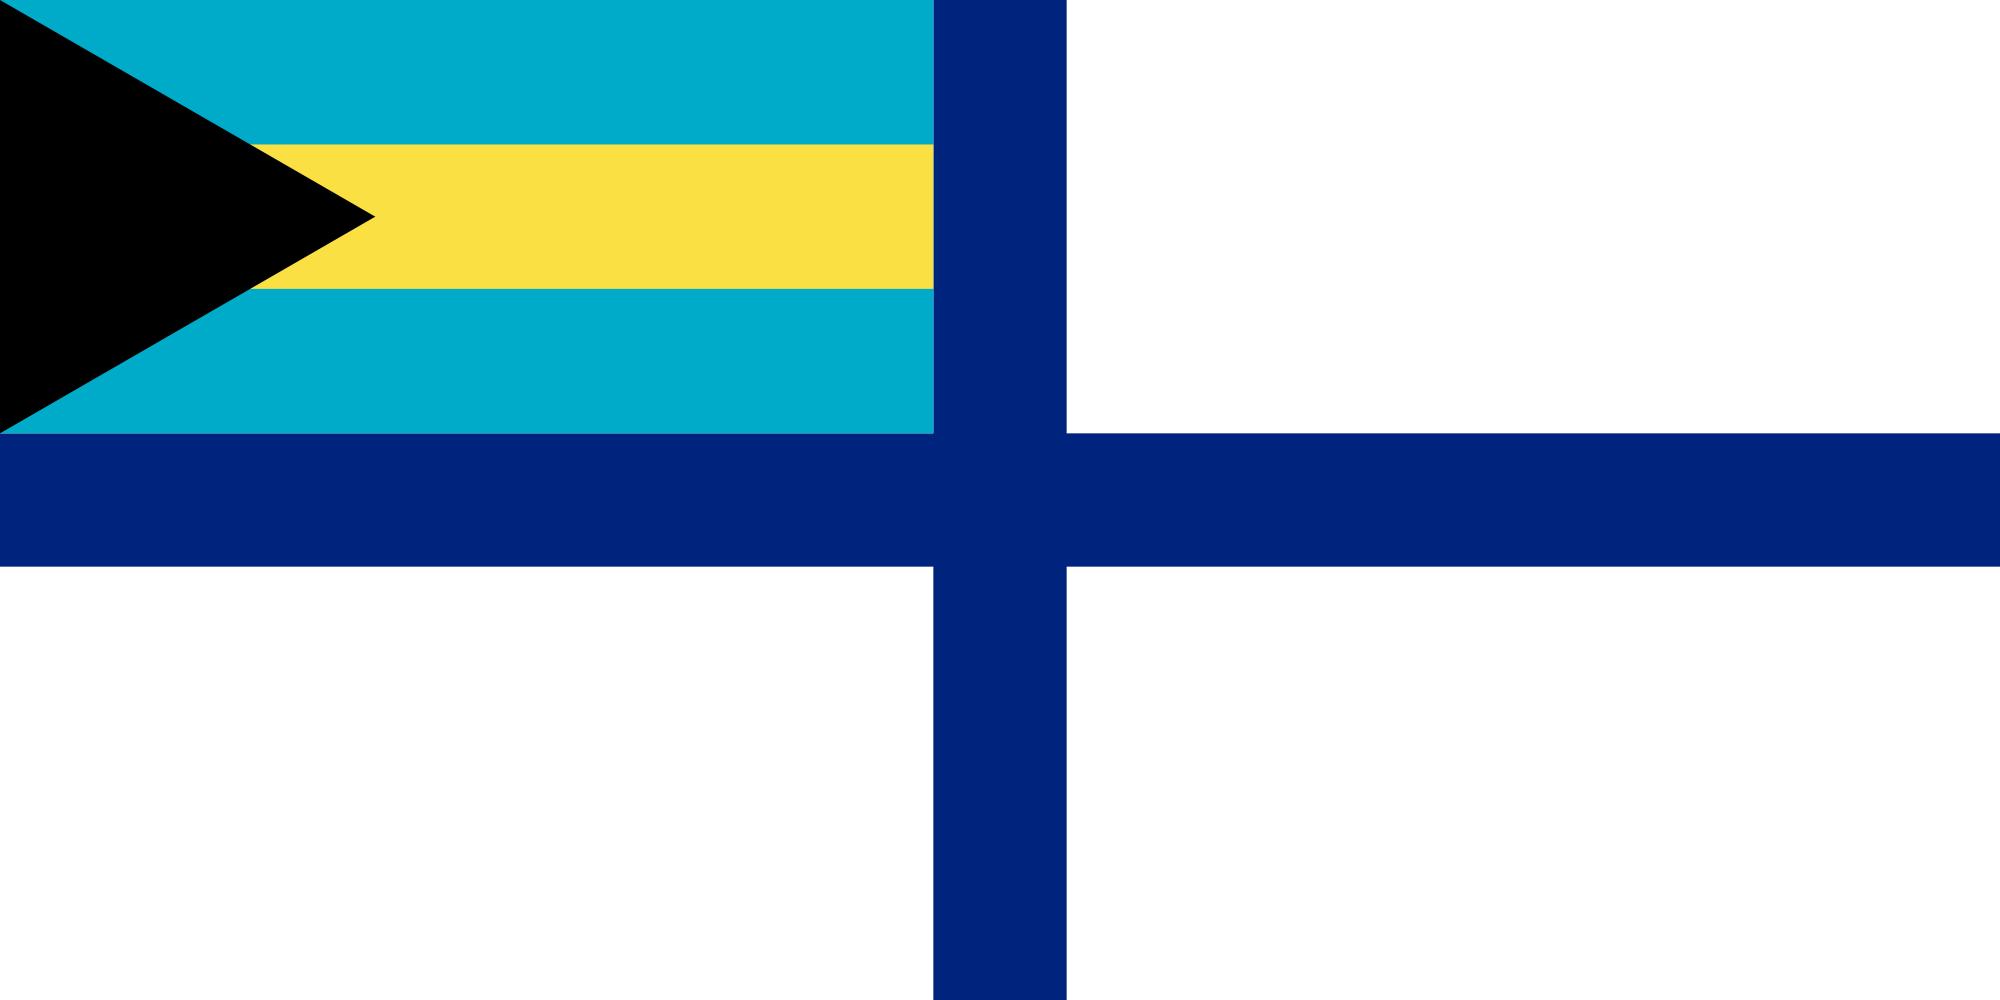 Bahamas (State ensign)